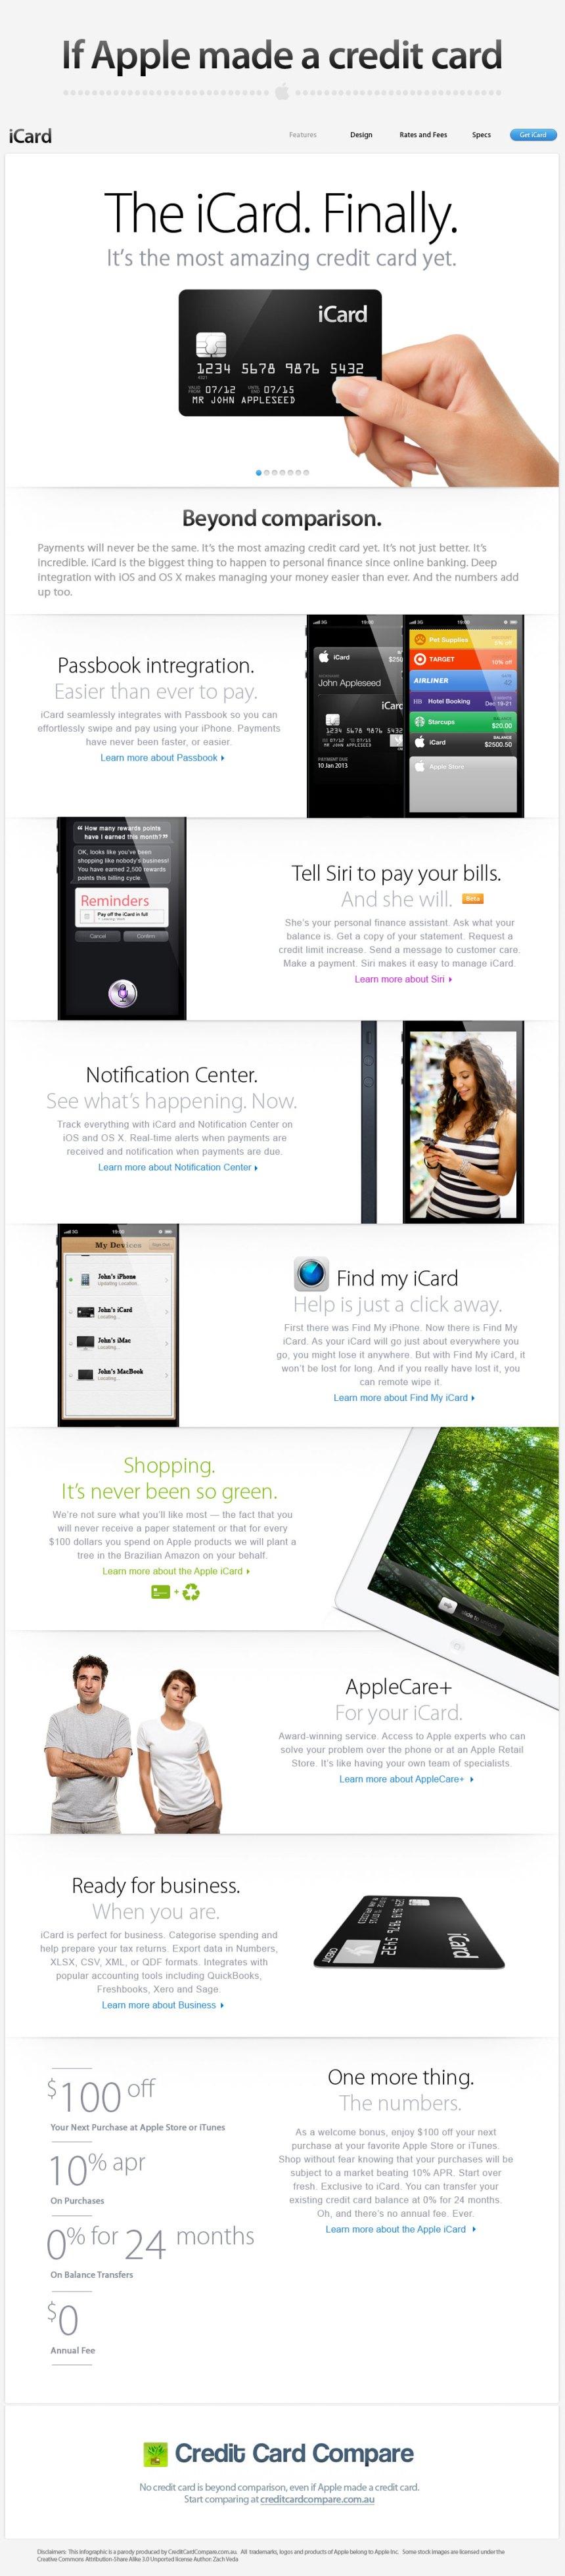 Si Apple creara una tarjeta de crédito